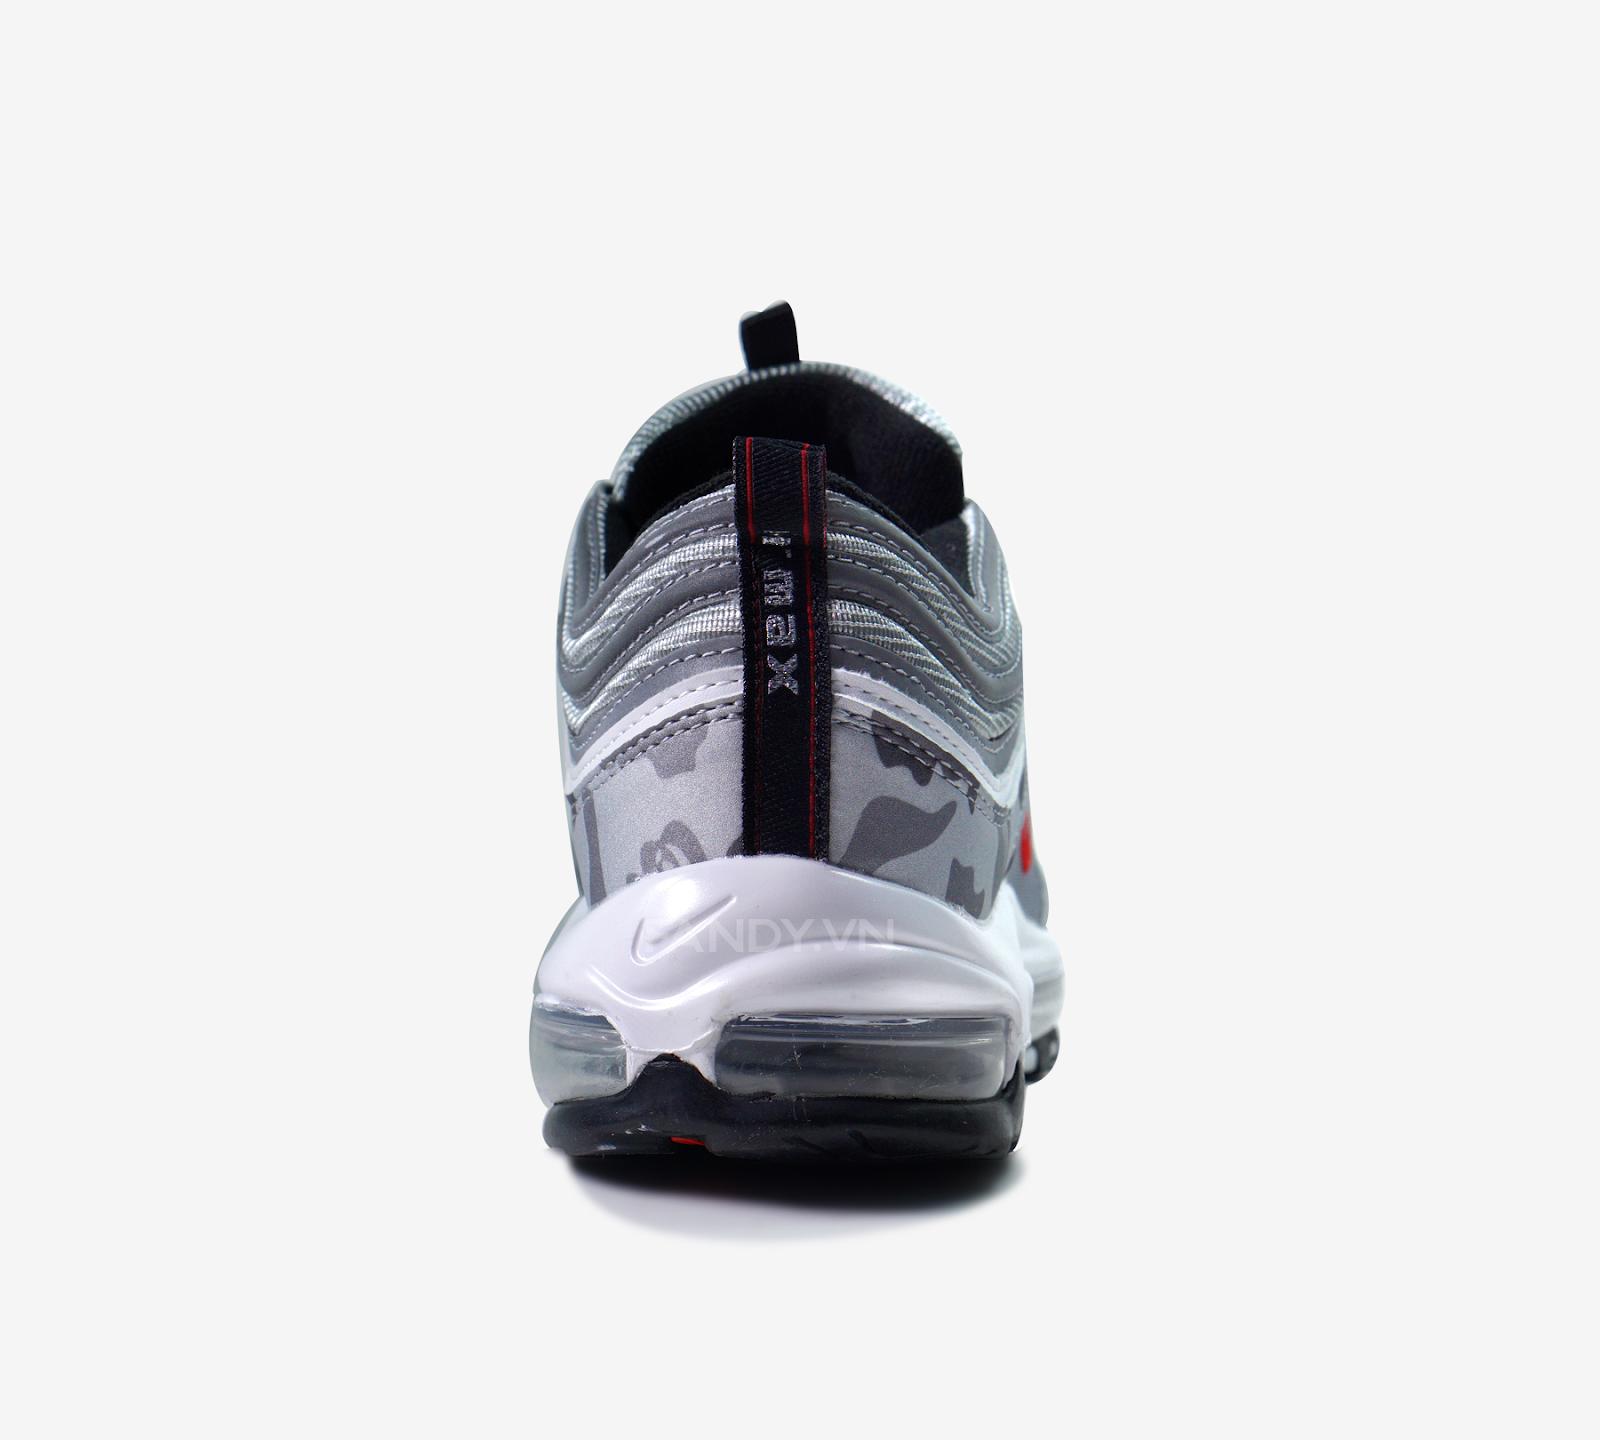 Nike air max 97 x bape có gì khác với air max 97